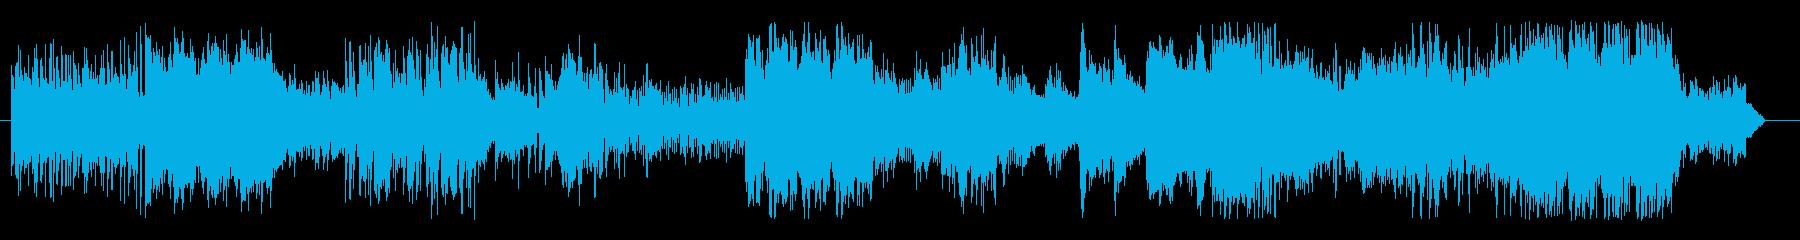 伝統的日本の和楽器の音色の再生済みの波形